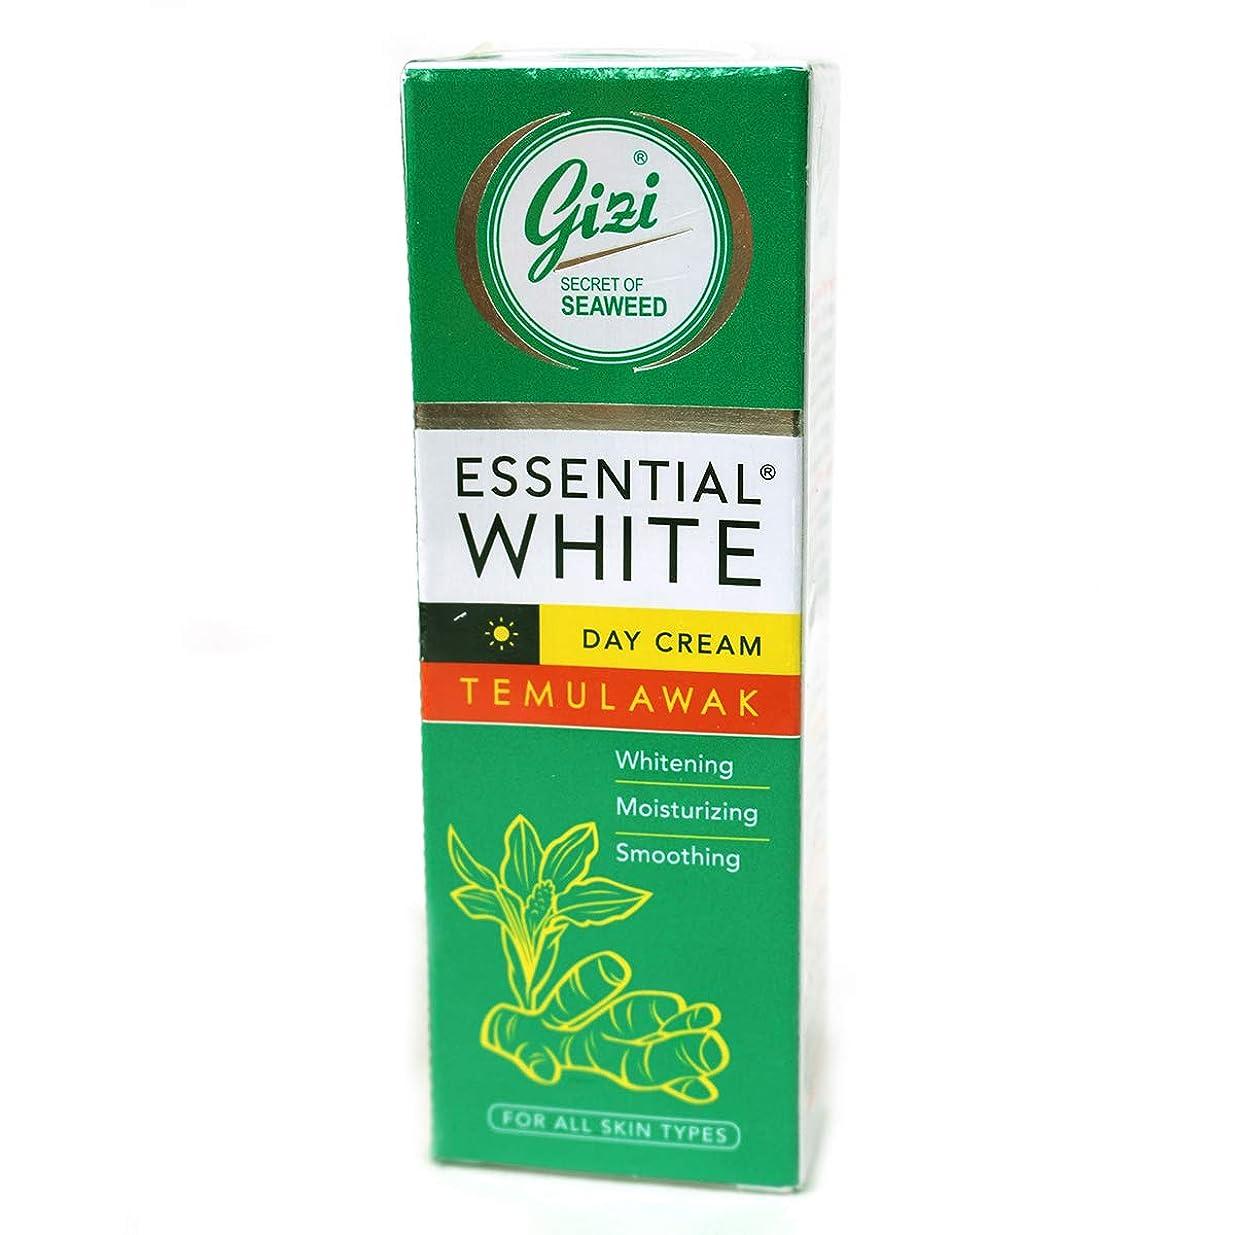 宇宙の持続的部分的ギジ gizi Essential White 日中用スキンケアクリーム チューブタイプ 18g テムラワク ウコン など天然成分配合 [海外直送品]